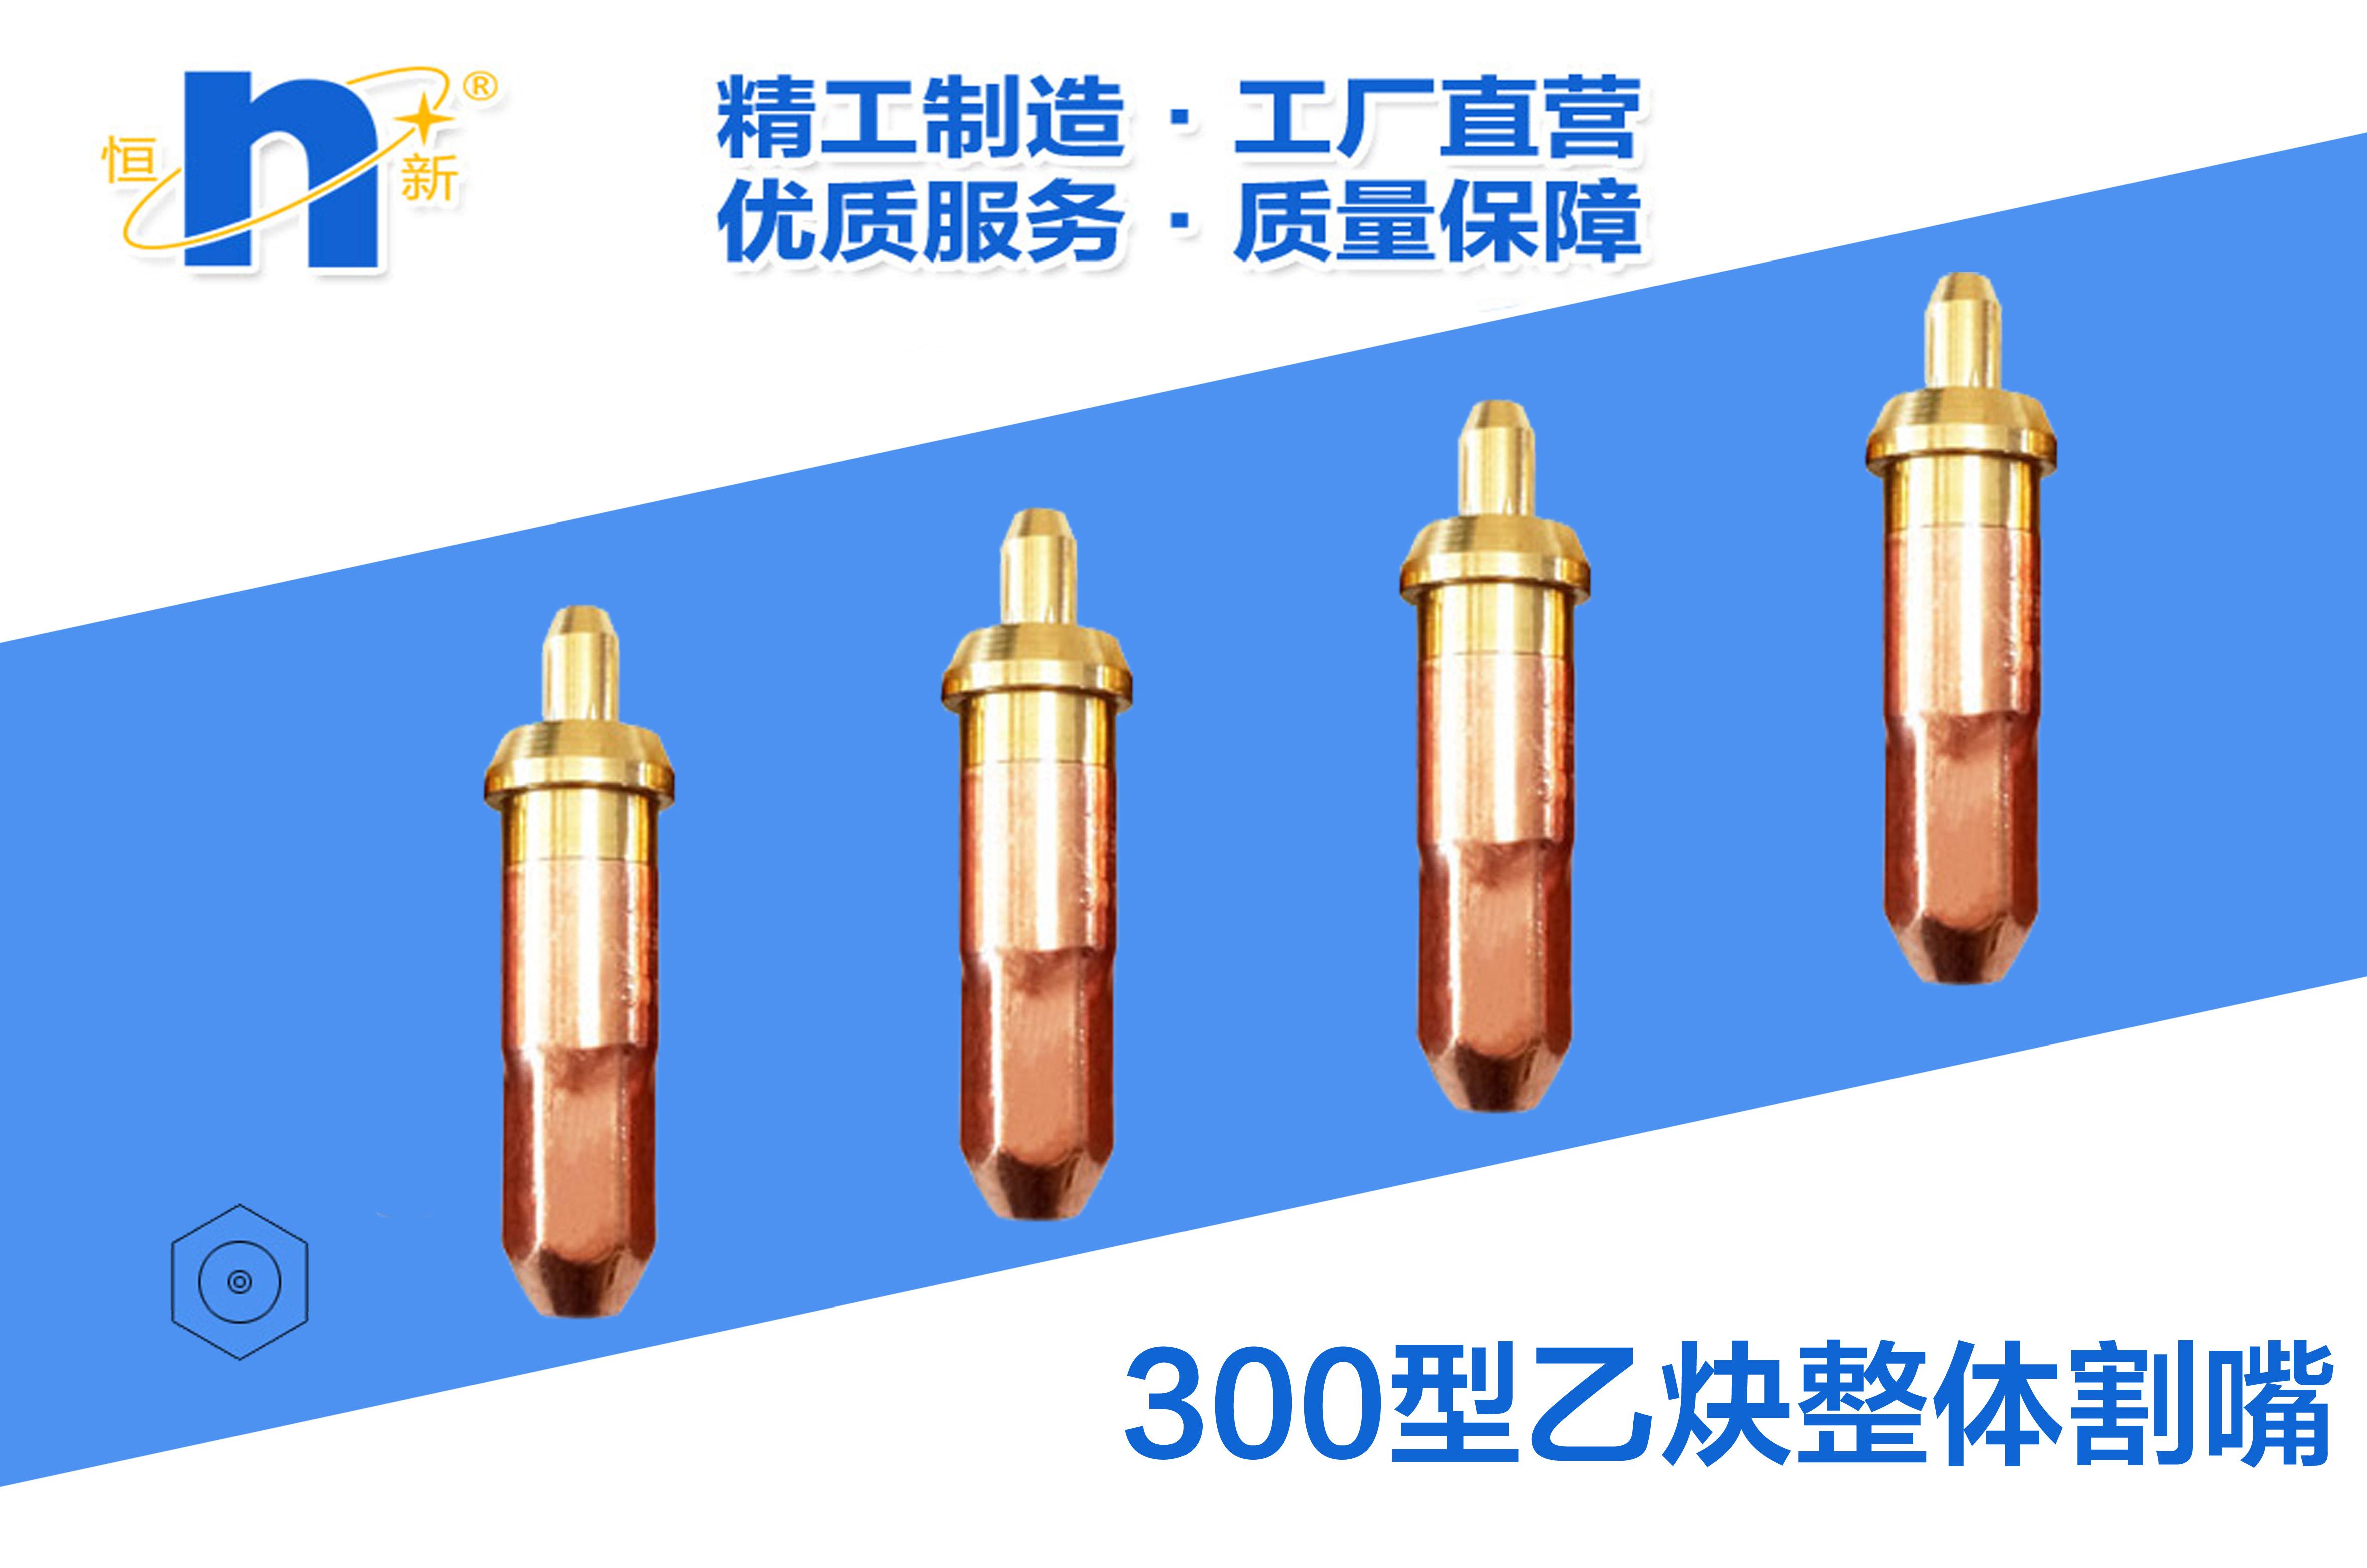 G01-300割嘴  恒新